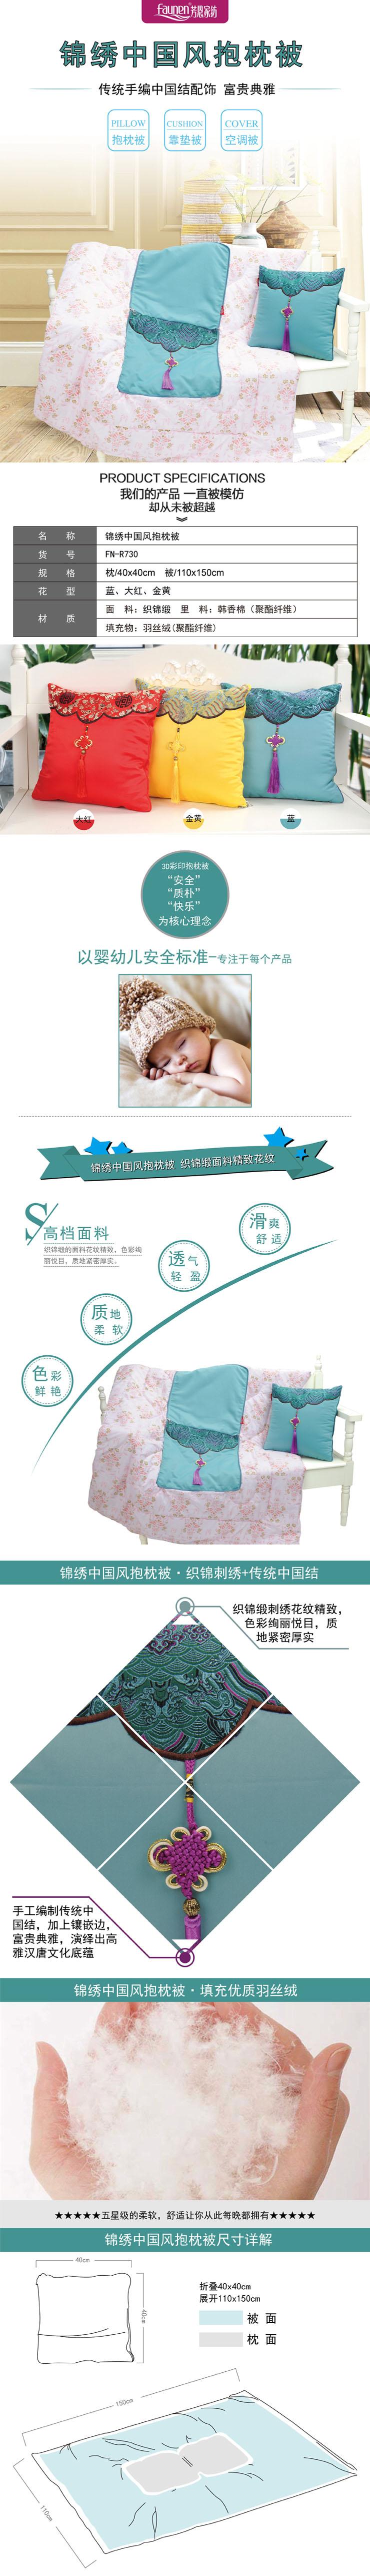 千亿国际_FN-R730 锦绣中国风抱枕被